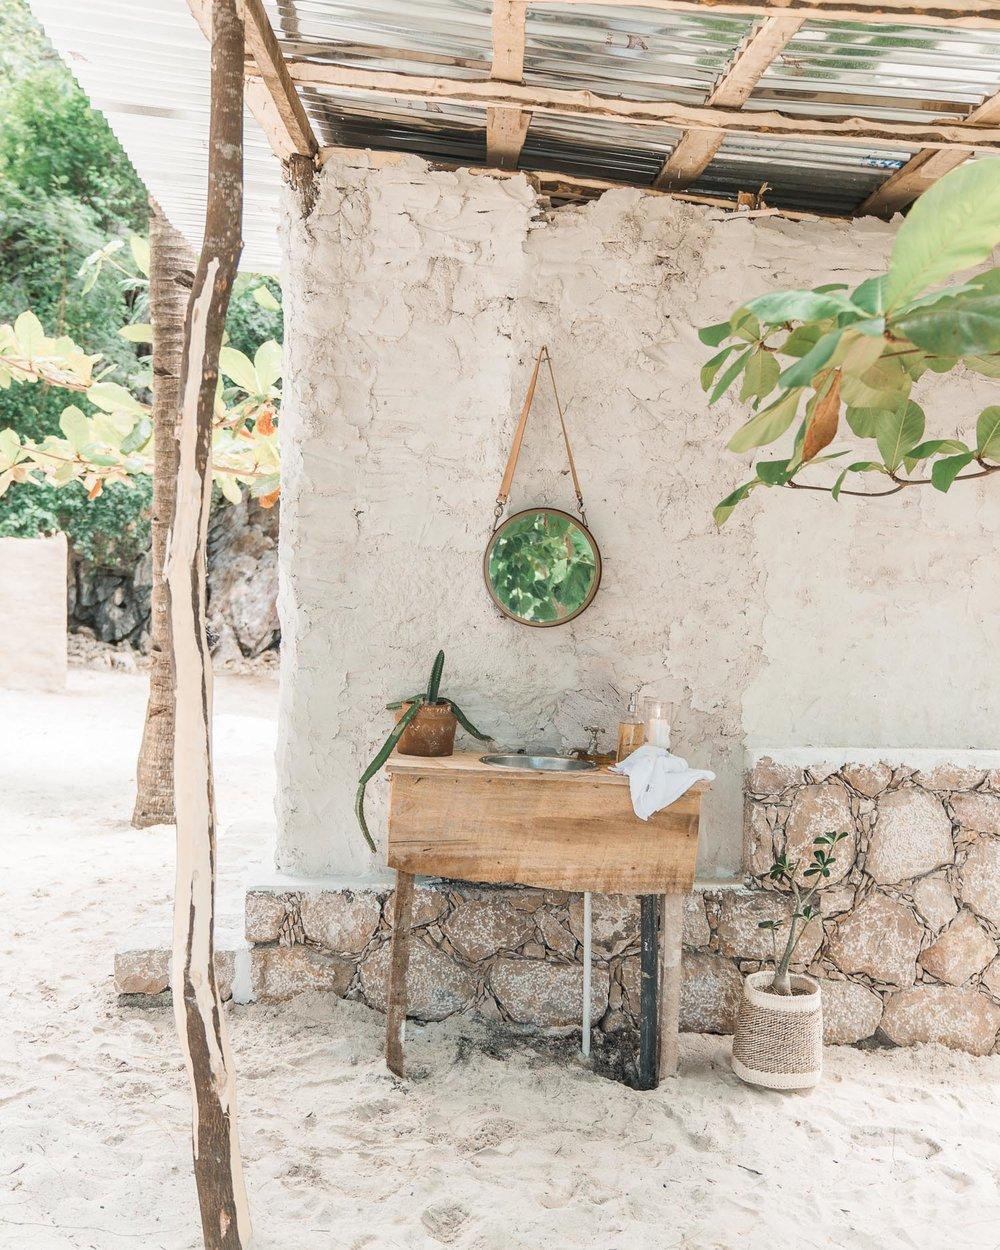 Kin Travel Haiti Glamping Washroom